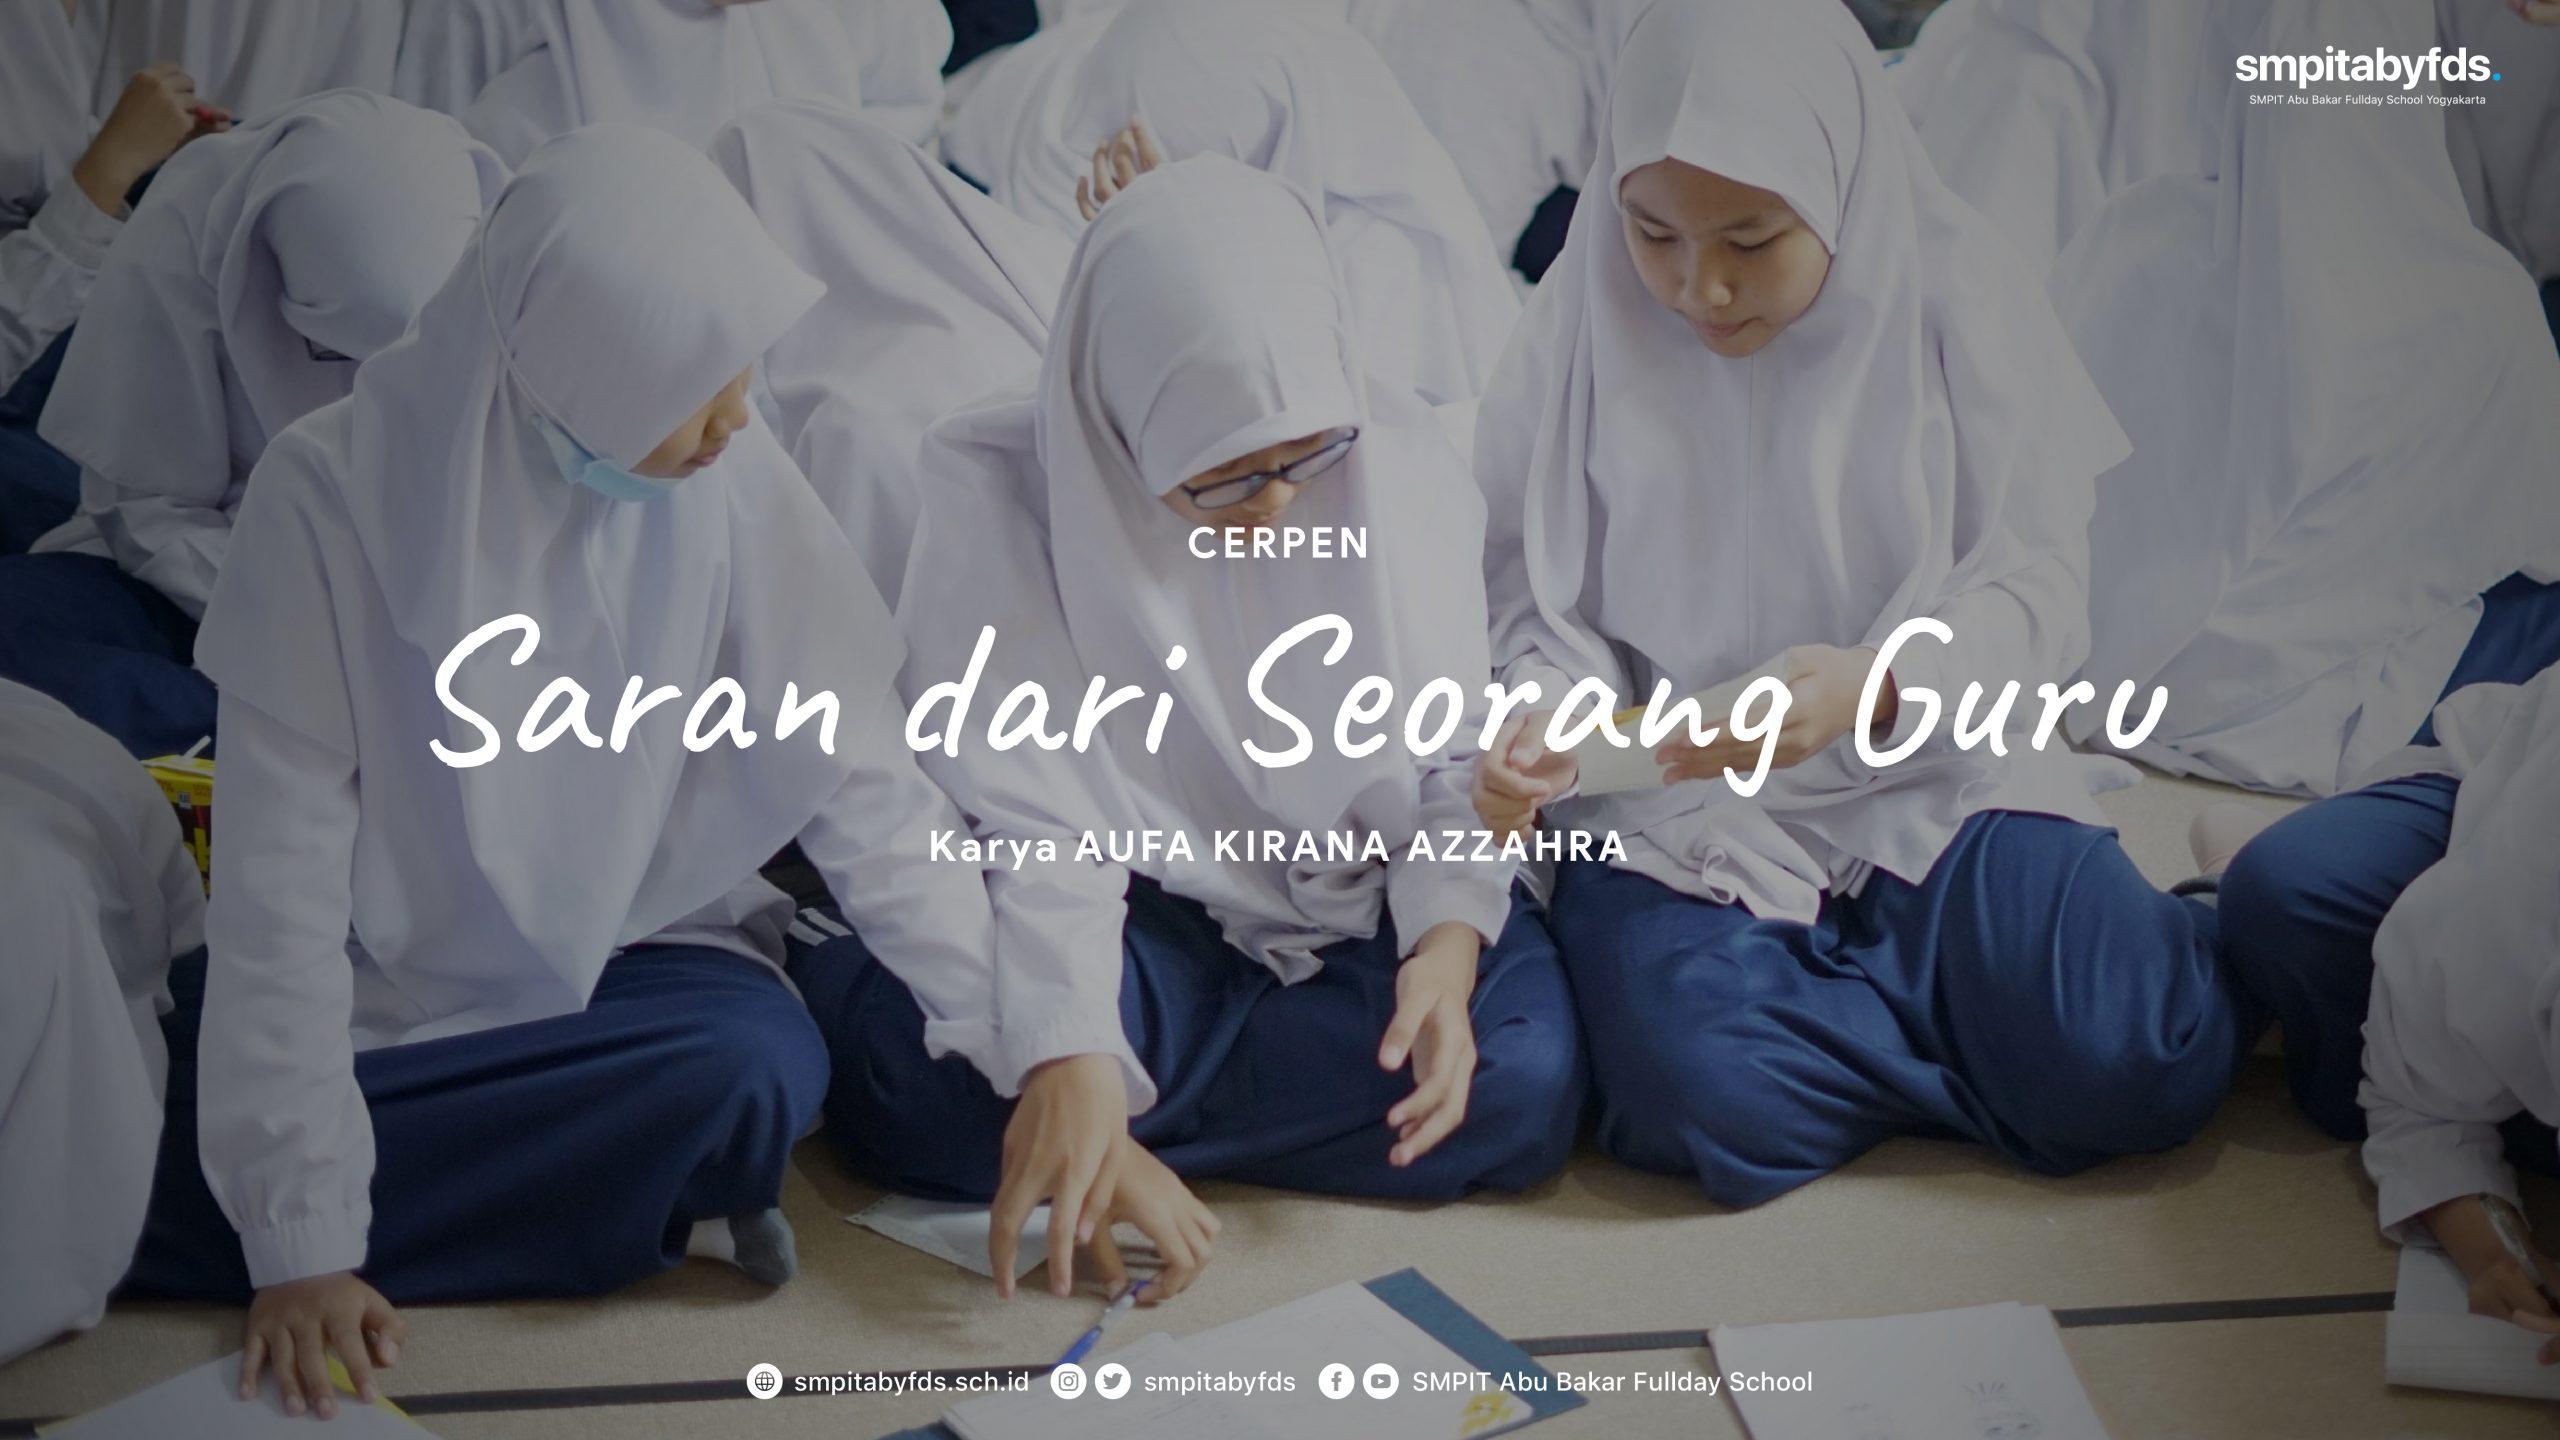 Cerpen – Saran dari Seorang Guru karya Aufa Kirana Azzahra